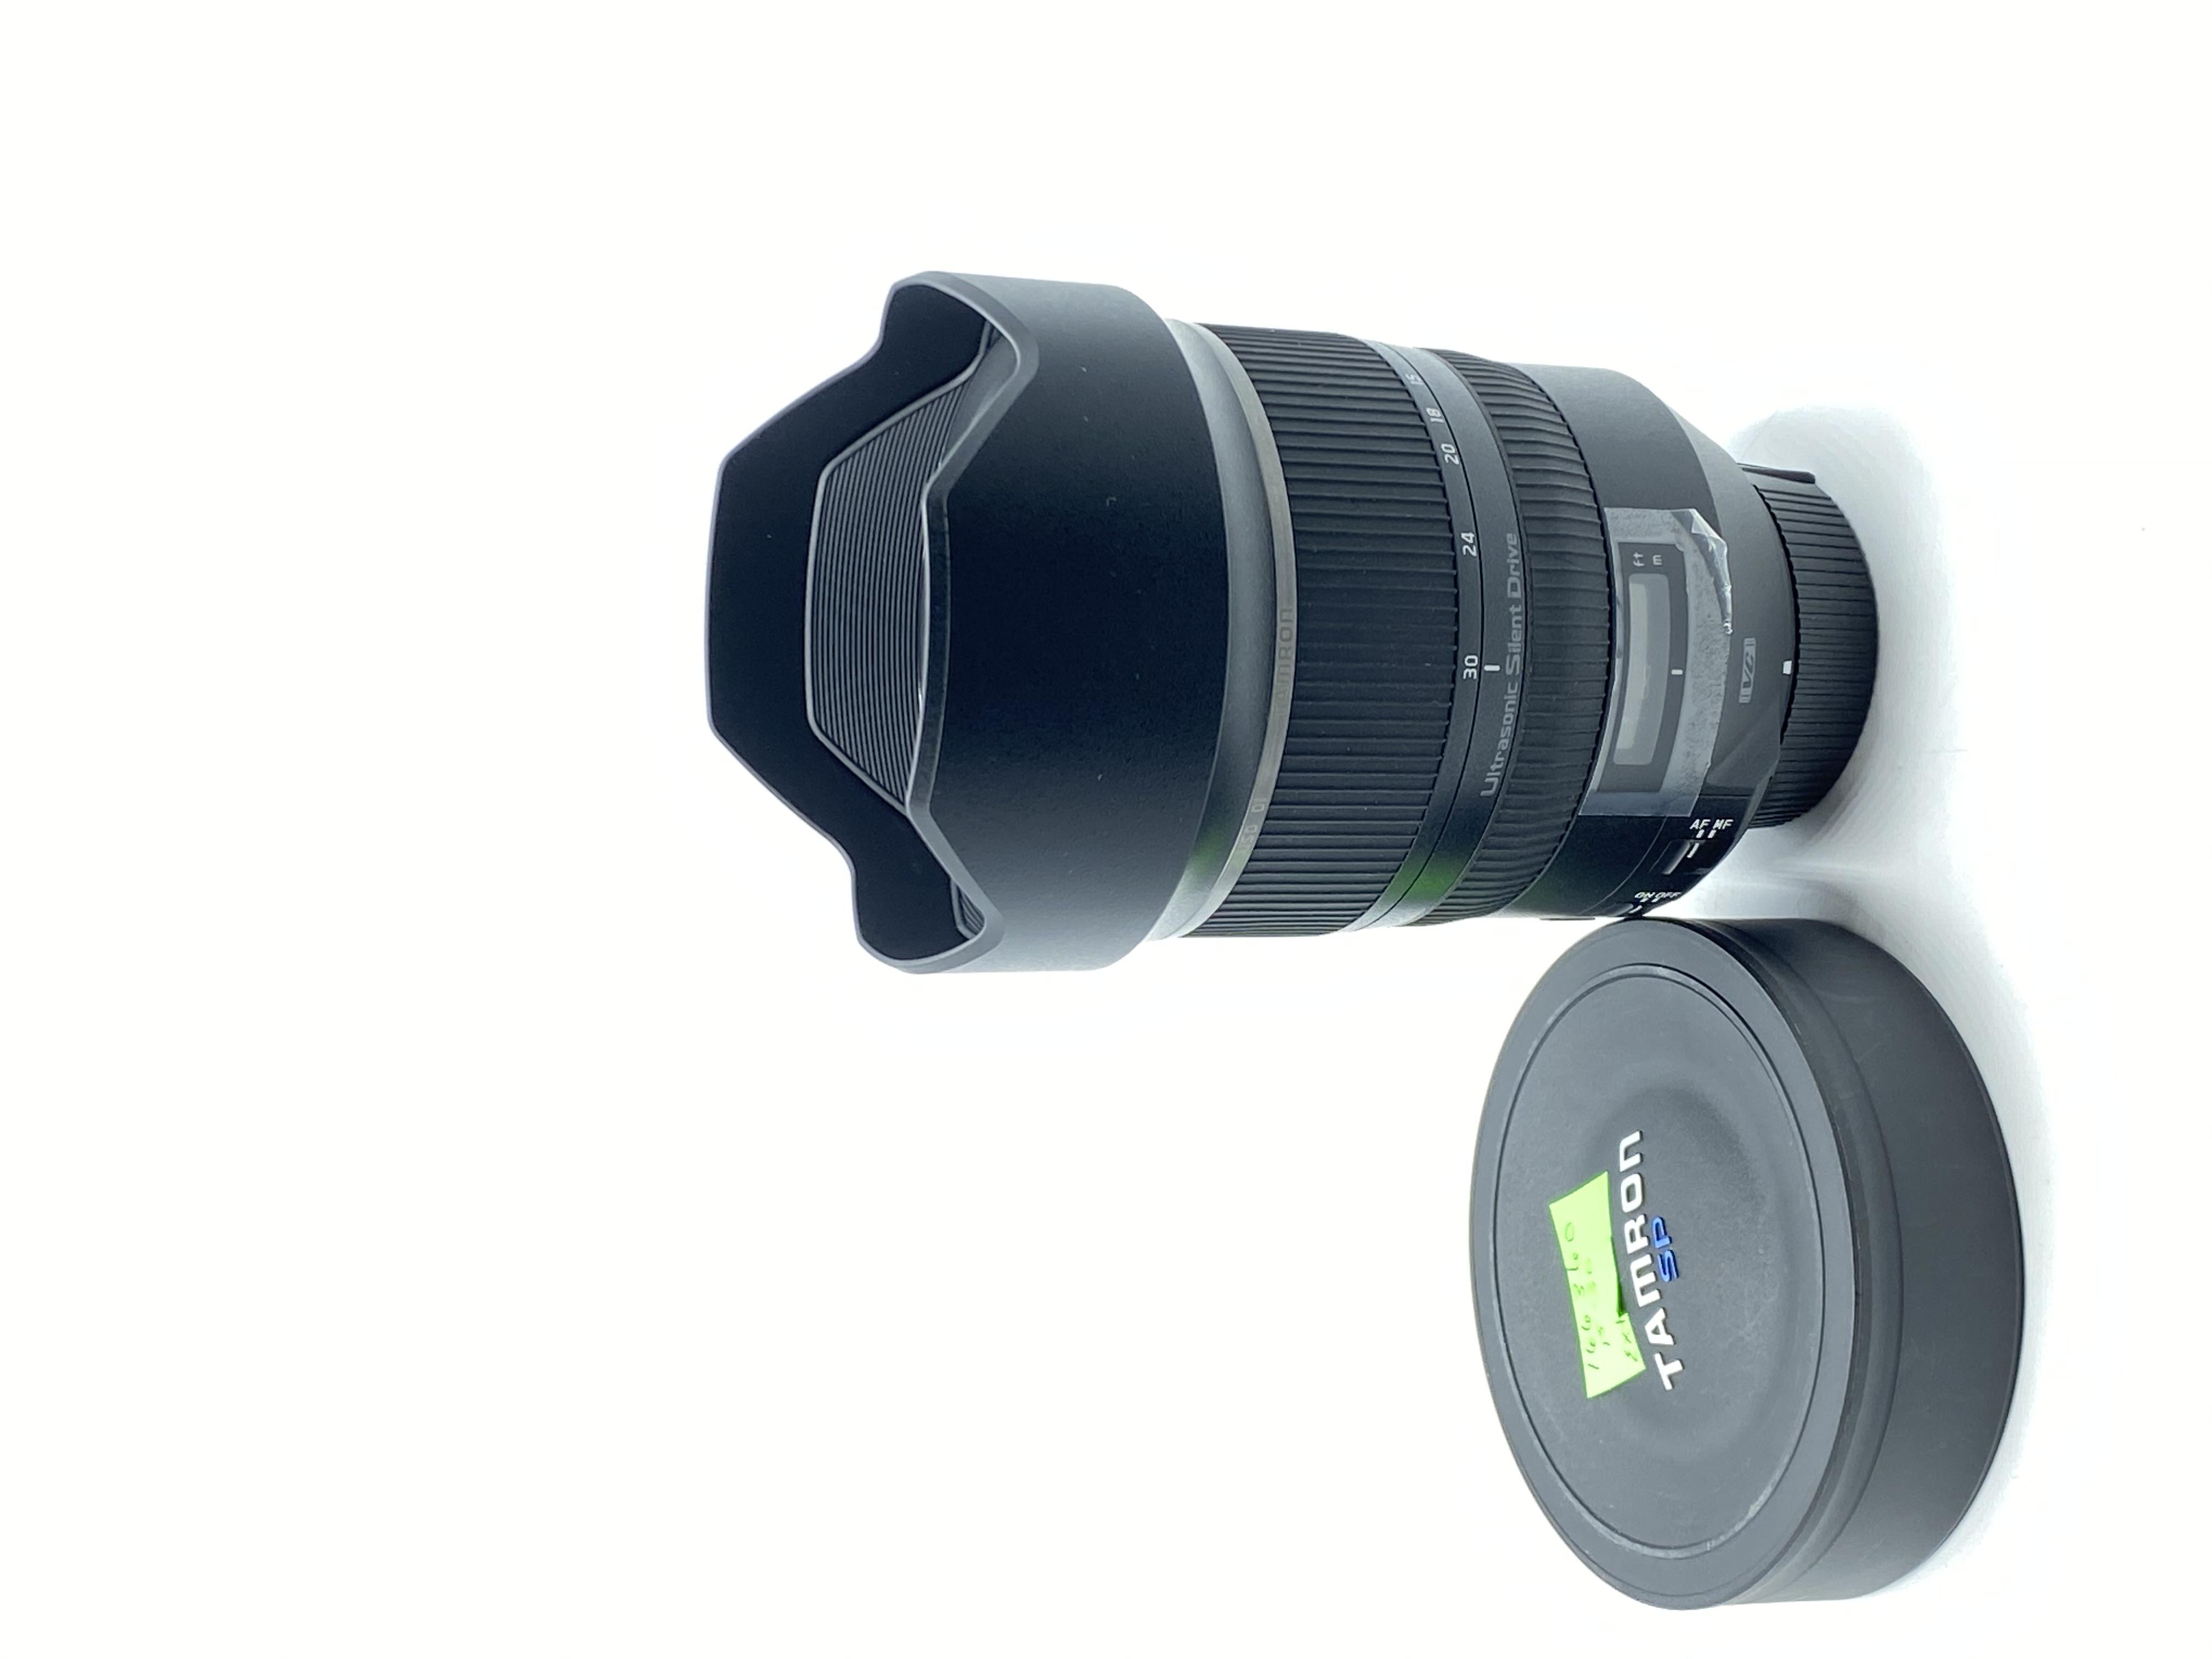 Used Tamron SP 15-30mm f/2.8 Di VC USD (Nikon Mount)